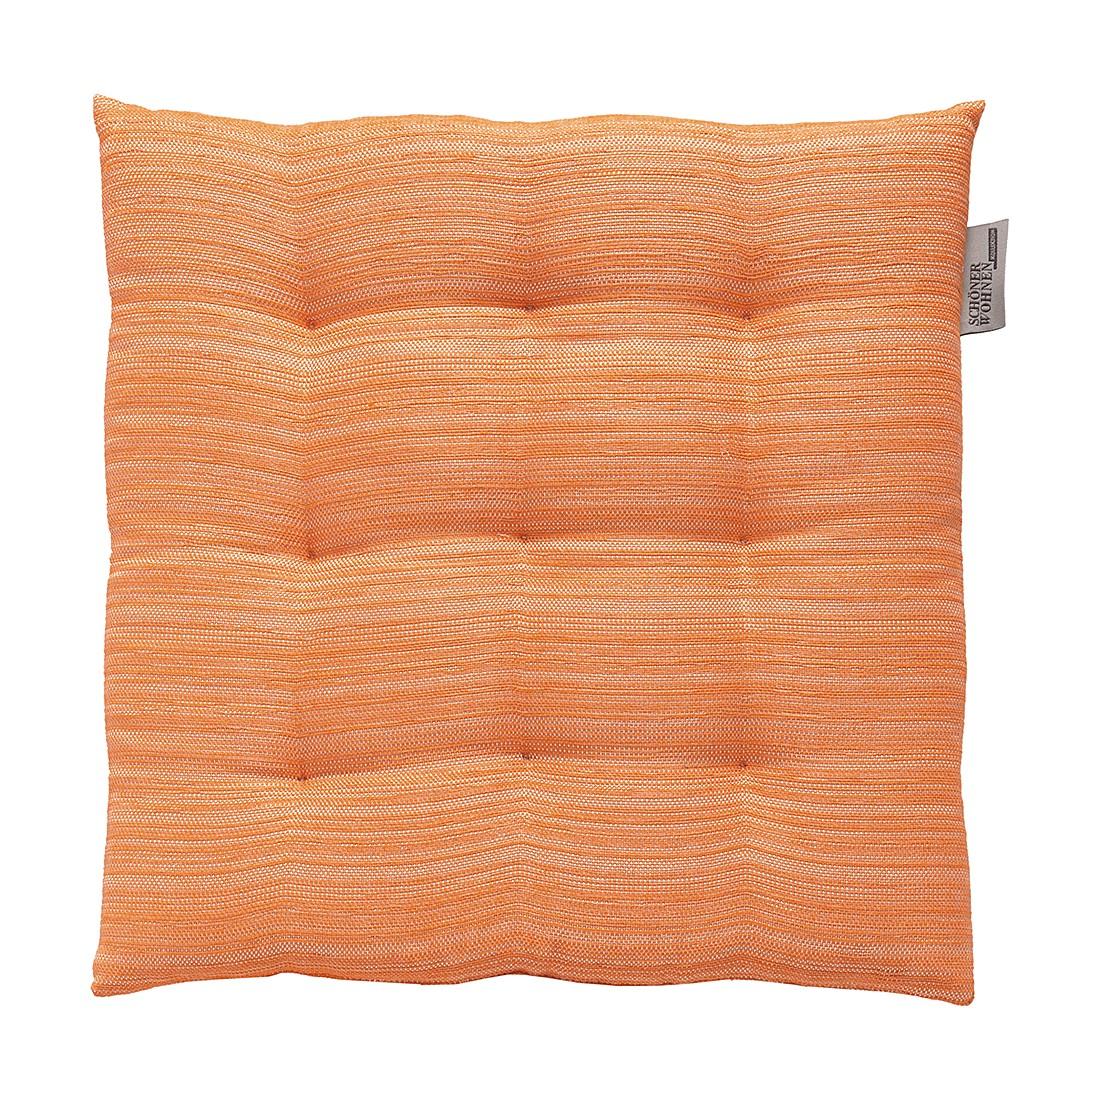 Steppkissen Allovers – Orange, Schöner Wohnen Kollektion kaufen